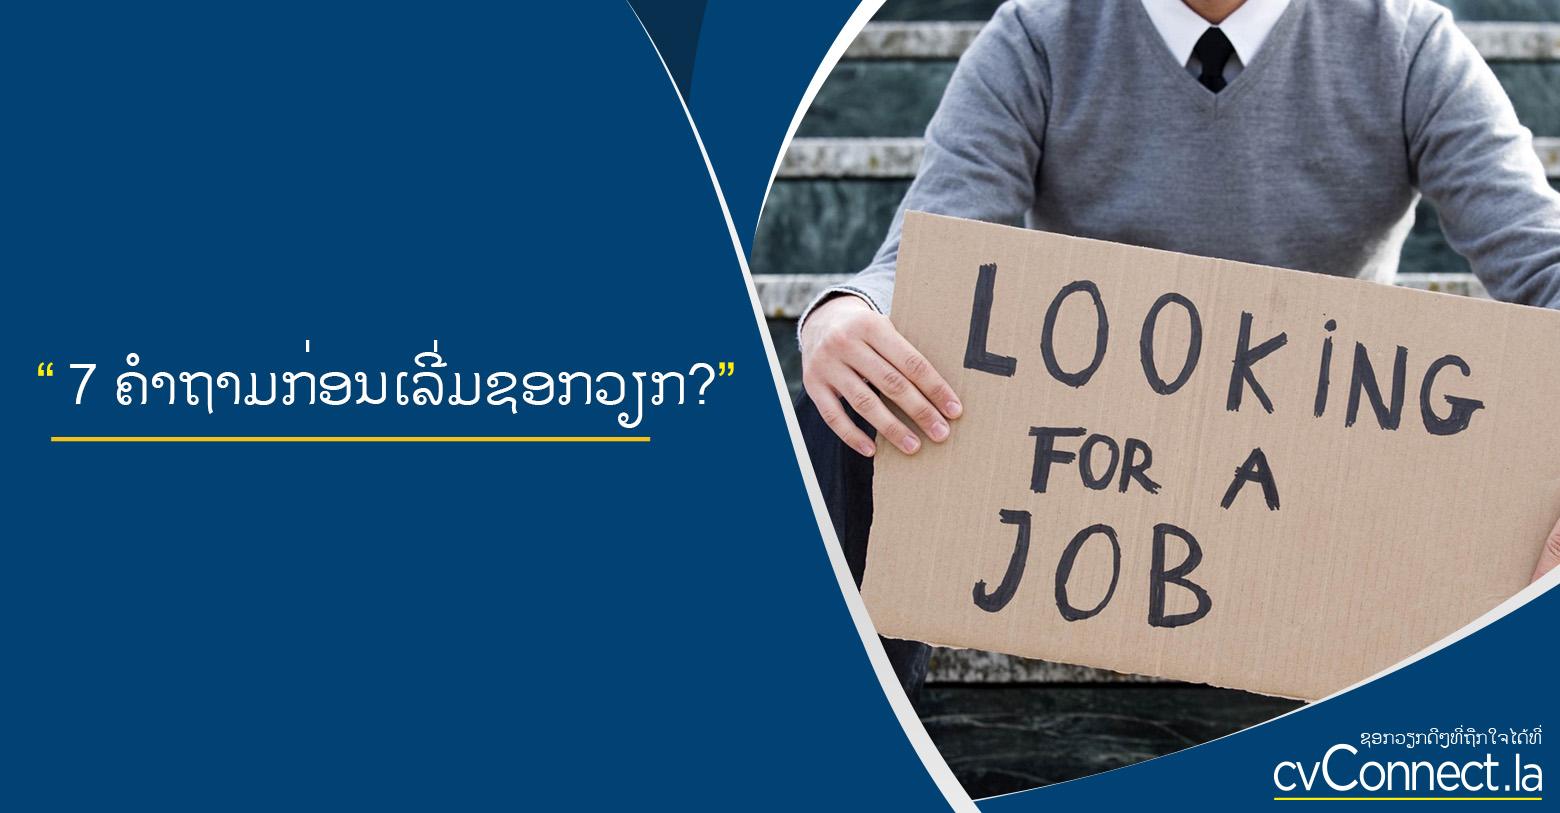 7 ຄໍາຖາມກ່ອນເລີ່ມຊອກວຽກ - cvConnect Find Jobs in Laos